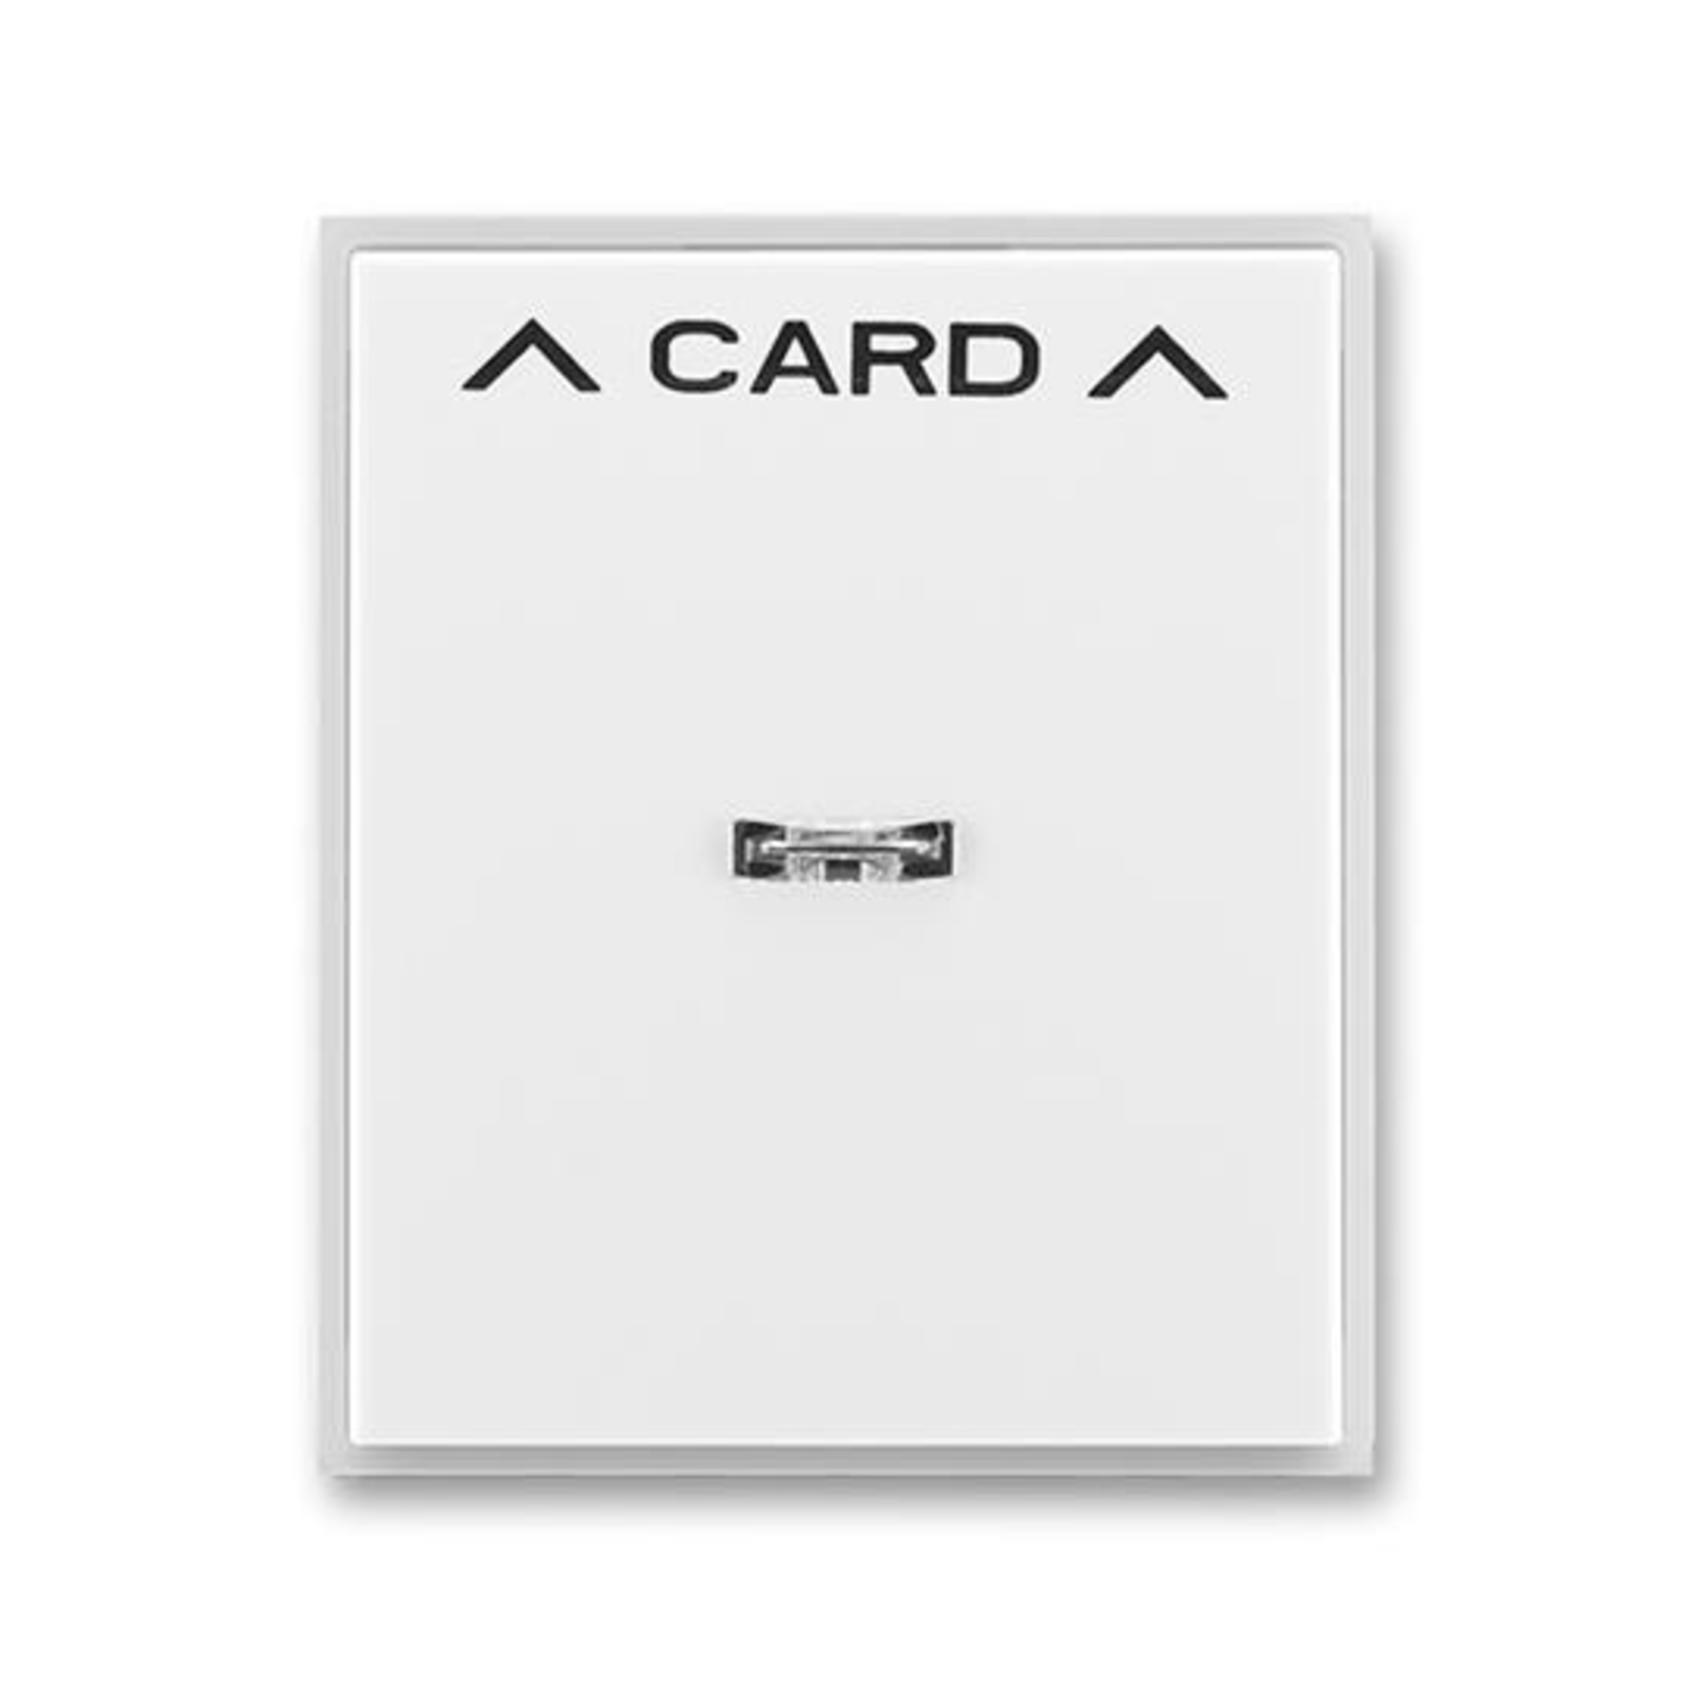 ABB 3559E-A00700 01 Element Kryt spínače kartového, s čirým průzorem